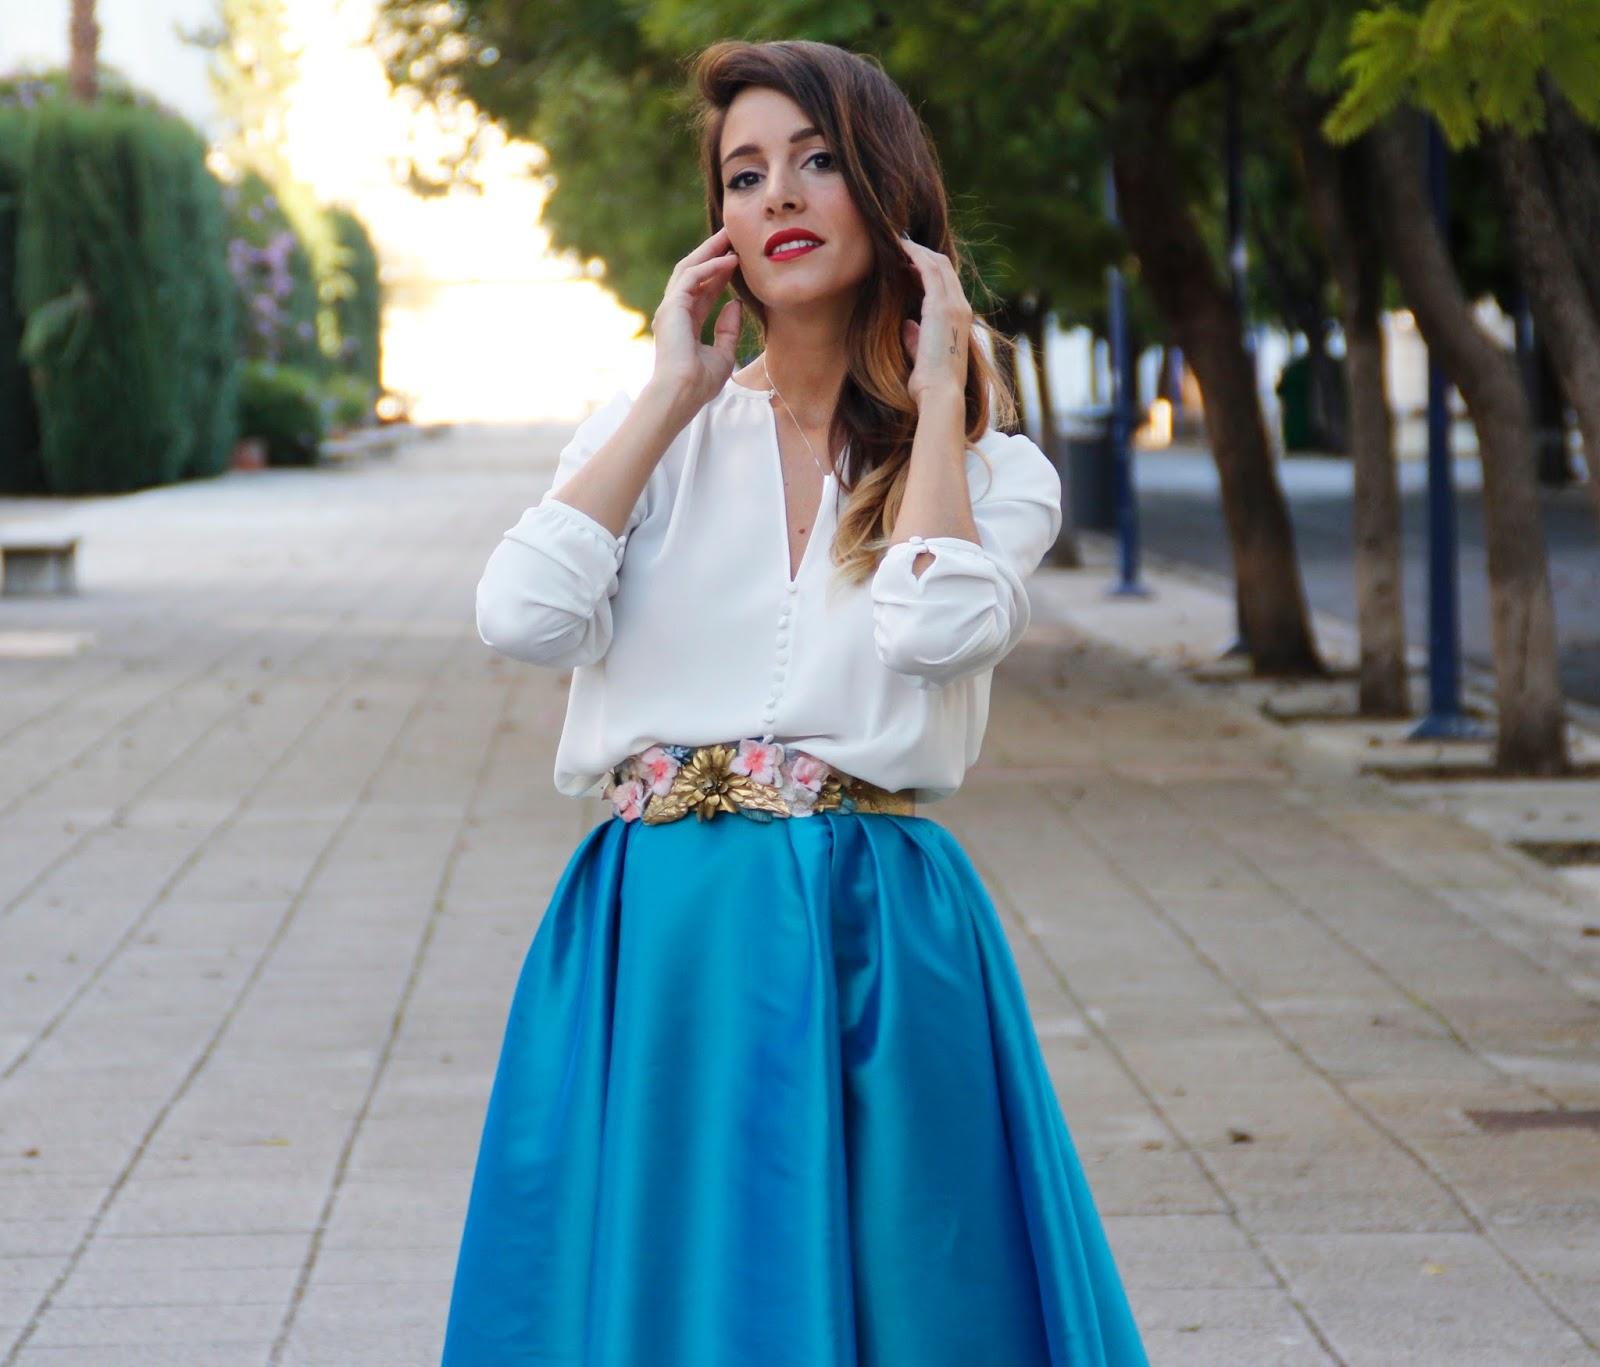 Cinturones joya para vestidos de fiesta – Vestidos de noche ...